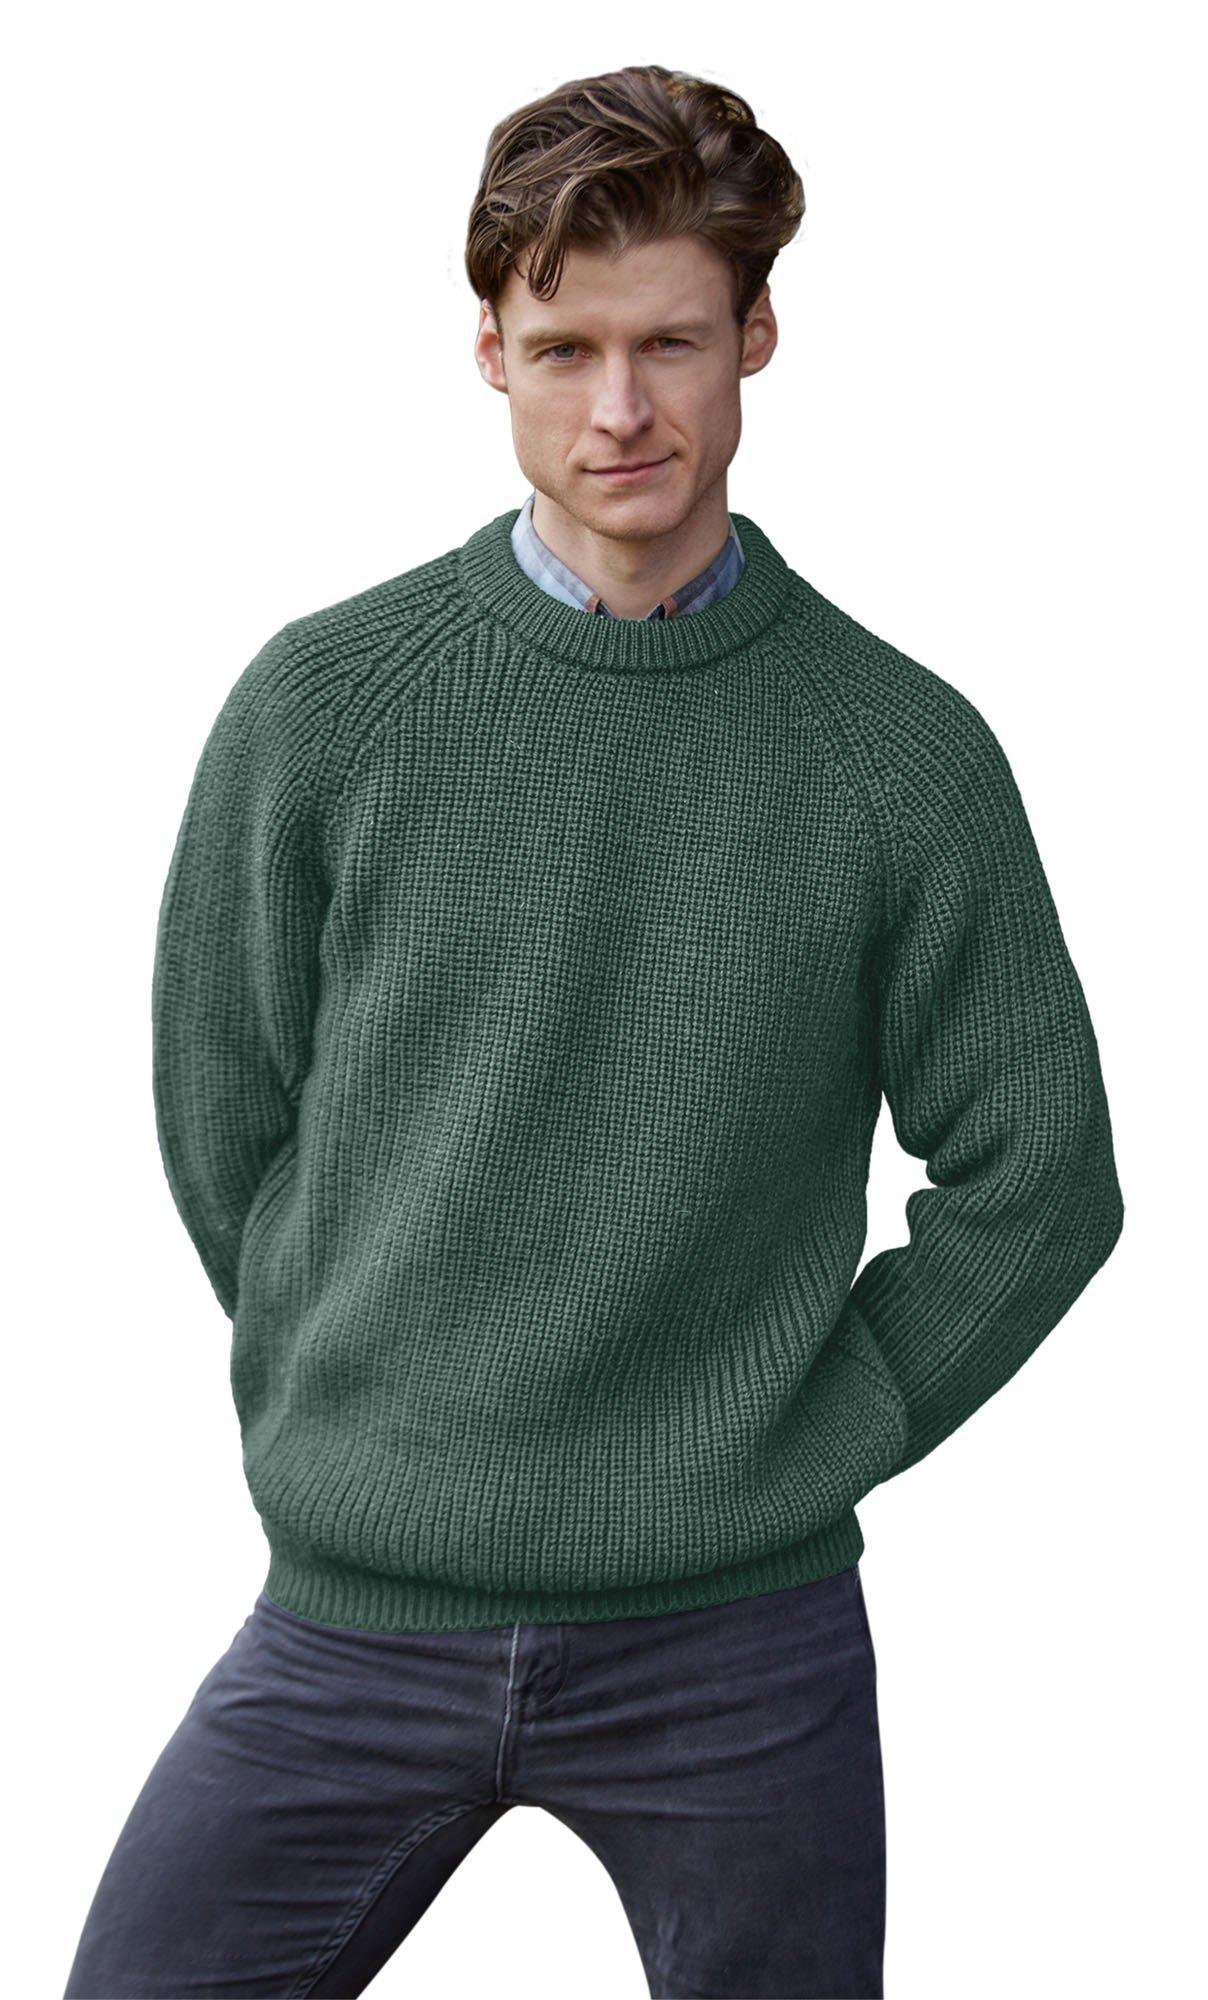 100% Pure Irish Wool Fishermans Rib Crew Neck Sweater(Medium Moss)